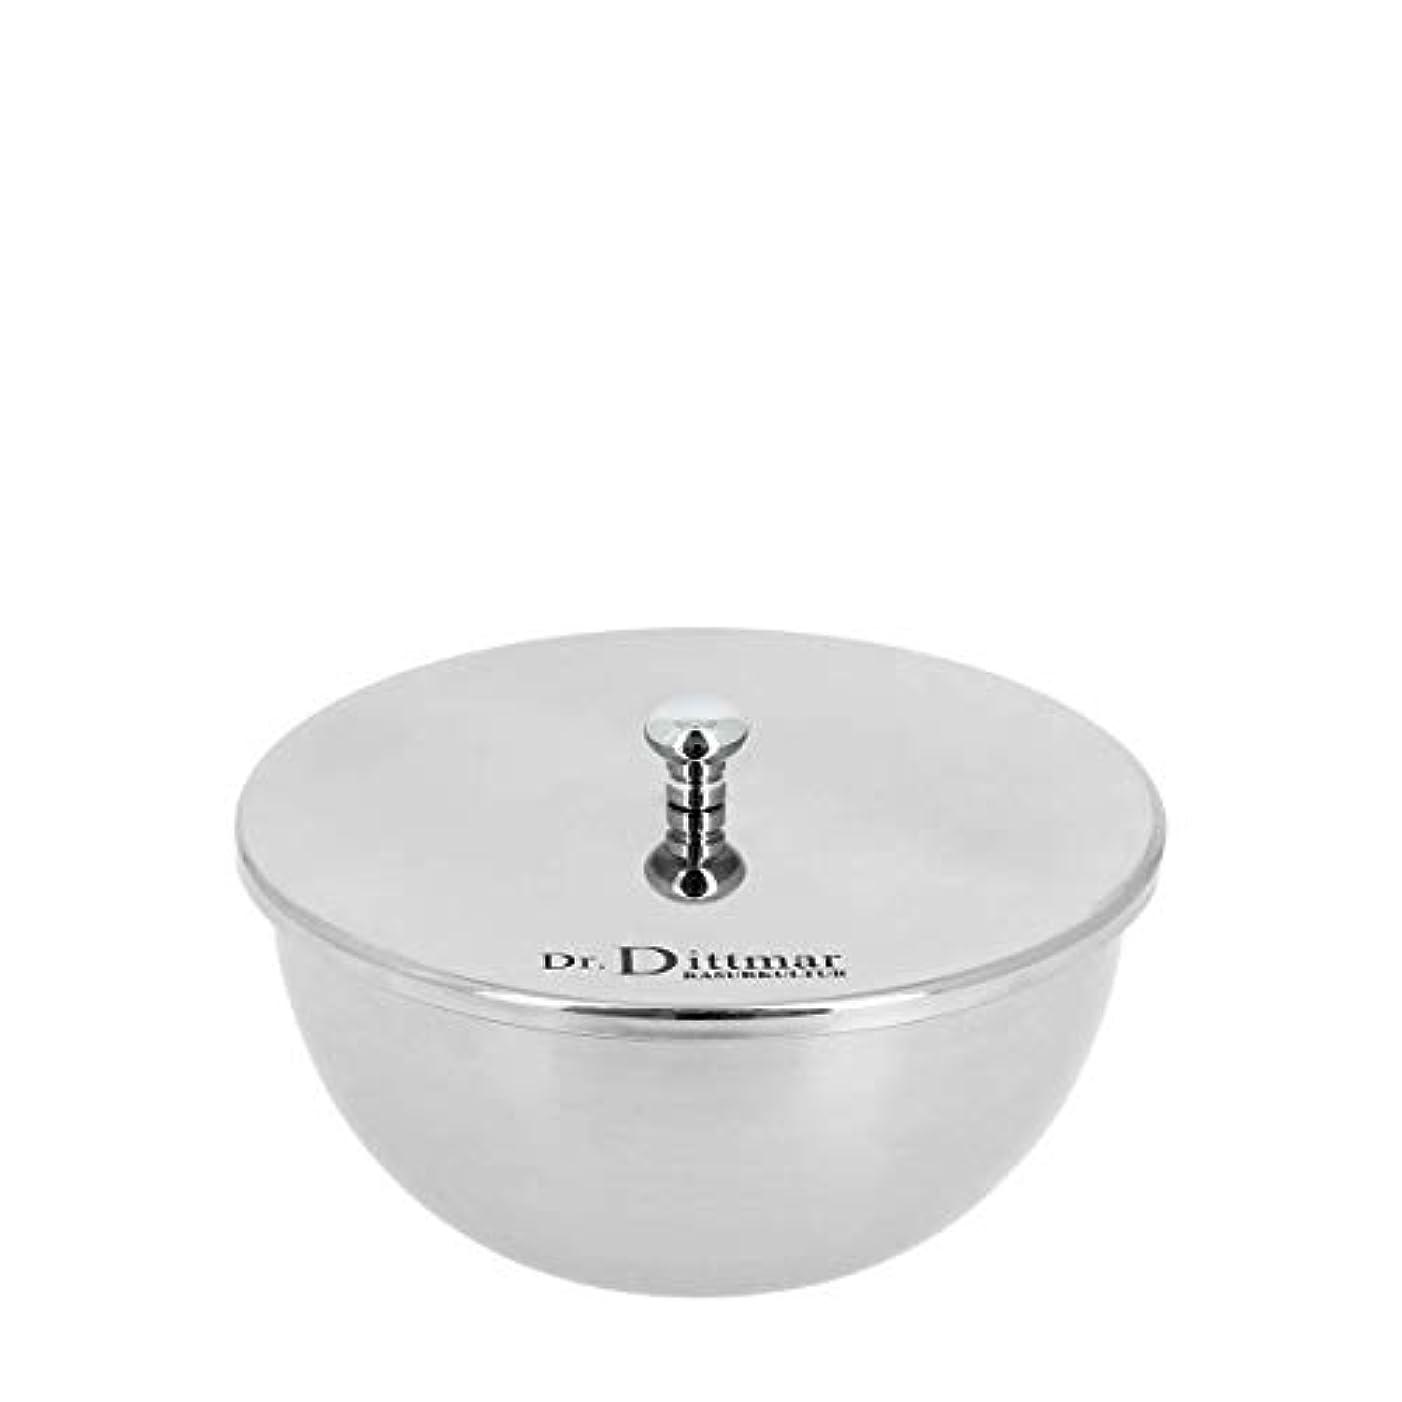 ぶどう炭素タービンDR.ディットマー シェービングボウル(シェービングソープと蓋付き)(9001)[海外直送品]Dr. Dittmar Shaving Bowl with Shaving Soap and Lid (9001) [並行輸入品]